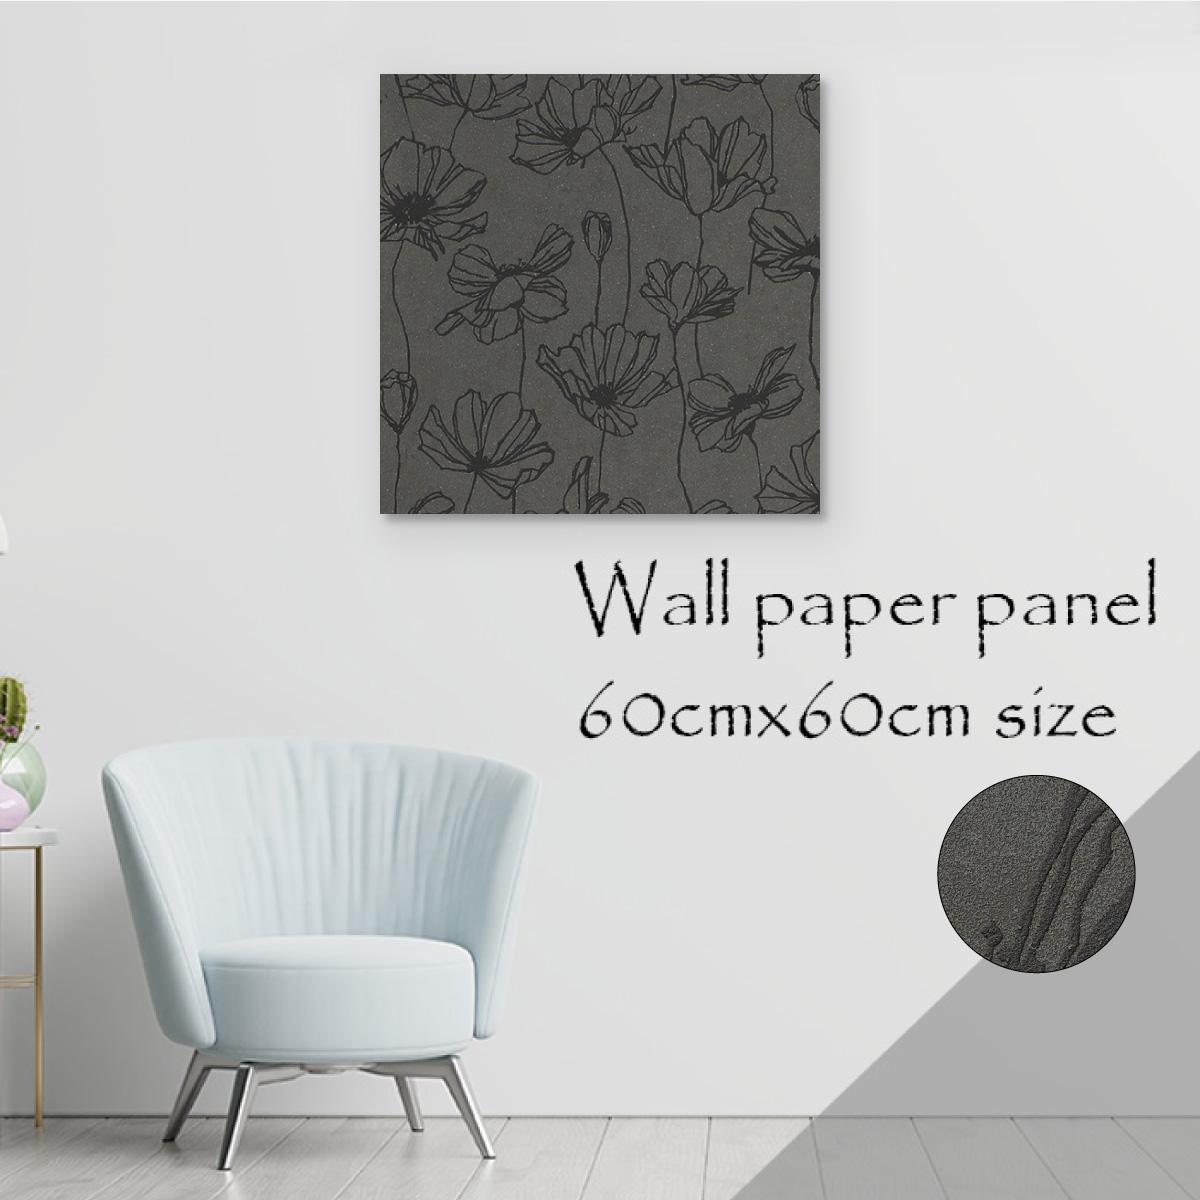 独特の上品 アートパネル アートボード 壁紙 北欧 インテリア 装飾 モノトーン モノクロ 白黒 花 フラワー ウォールペーパーパネル 立体 デコレーション ラメ キラキラ エレガント モダン かわいい かっこいい高級 エンボス 高品質 日本製 木枠 天然木 壁紙 ウォール